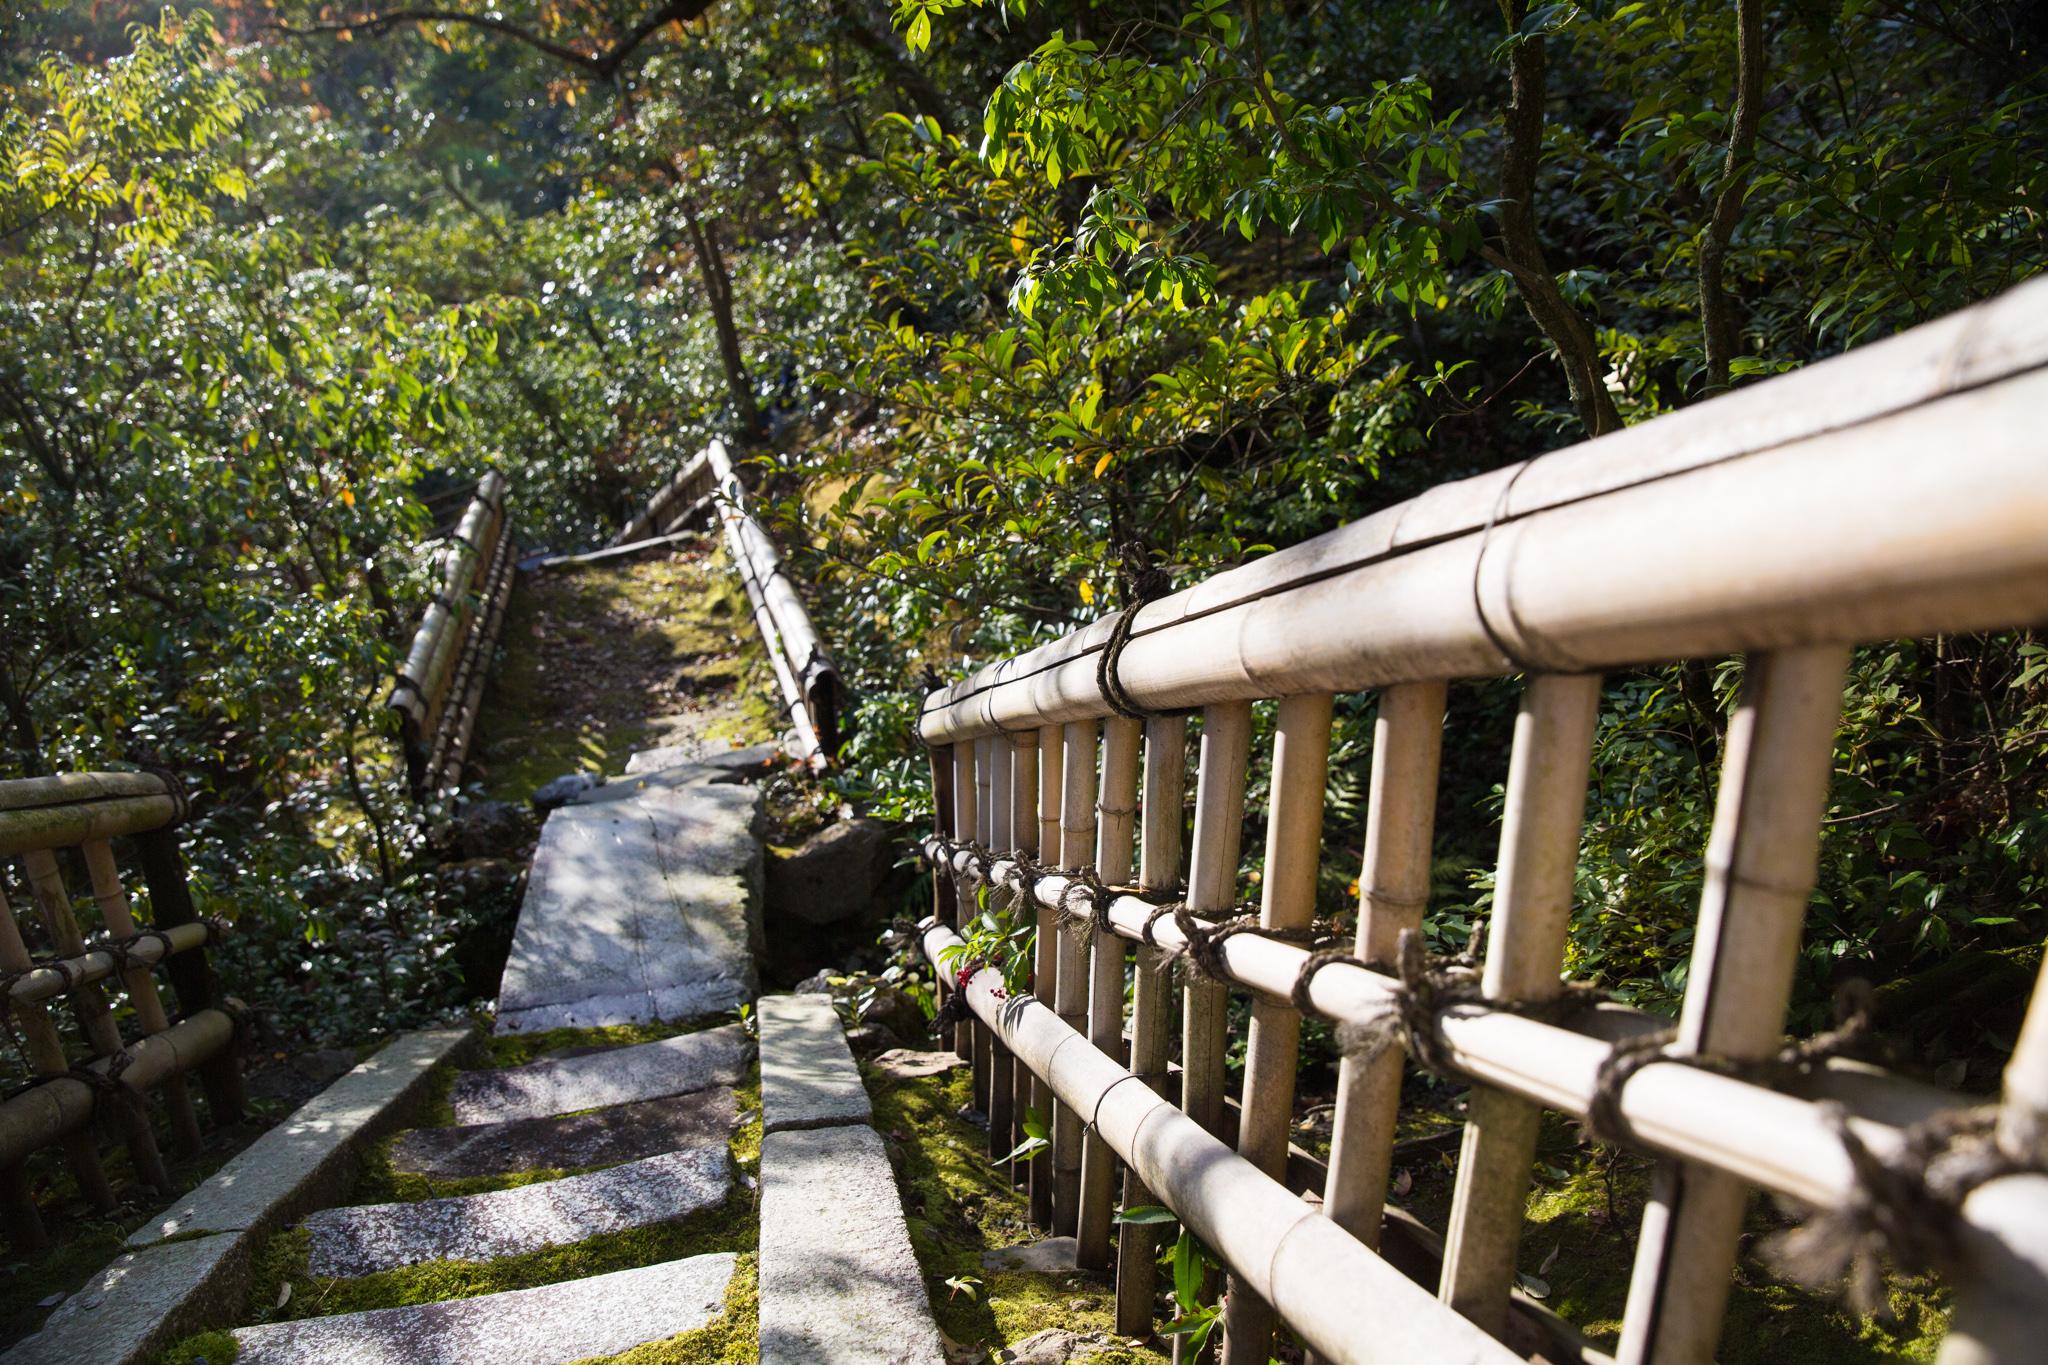 5014-japan-nature-autumn-colors.jpg